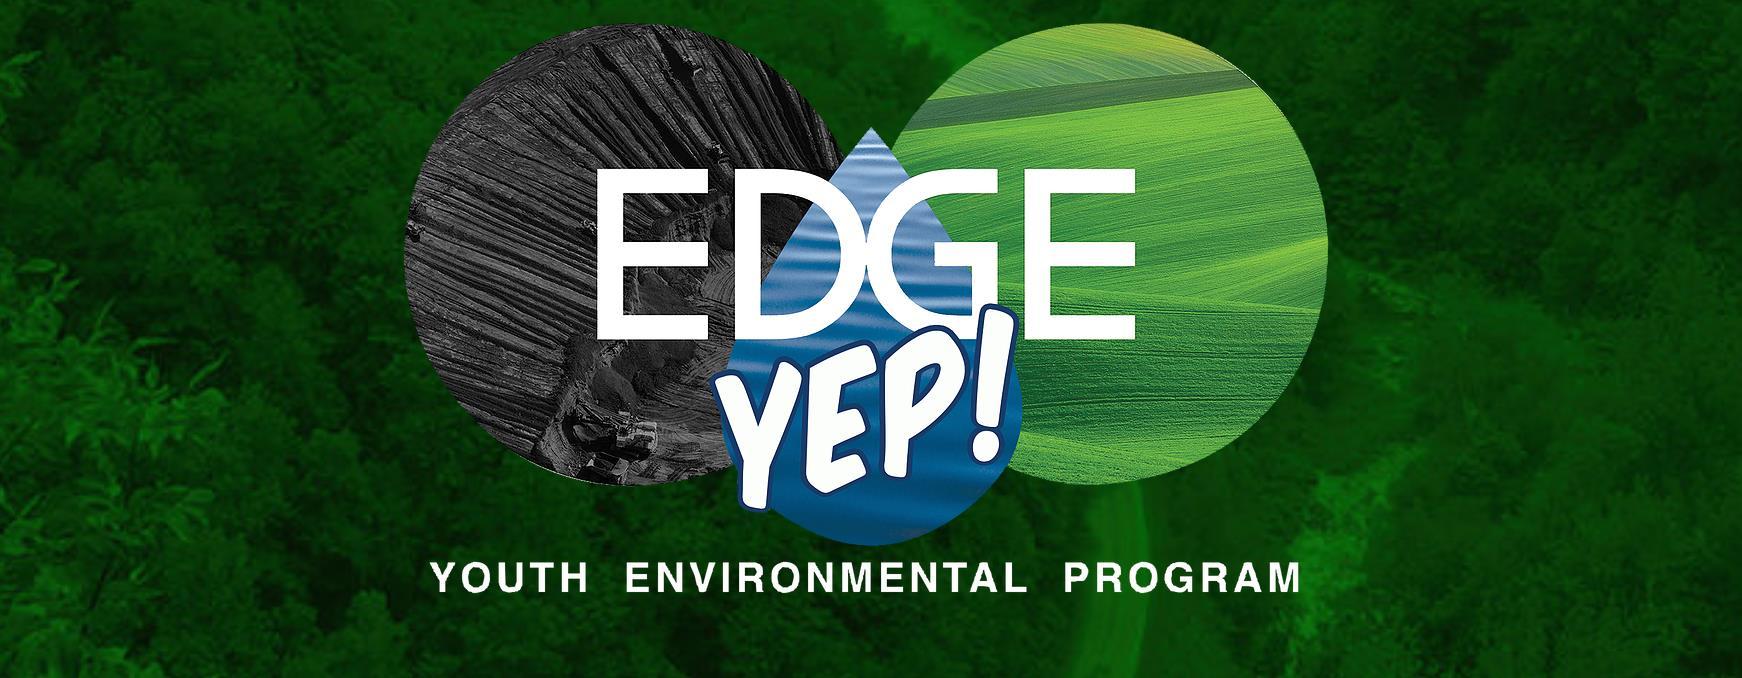 EDGE YEP!